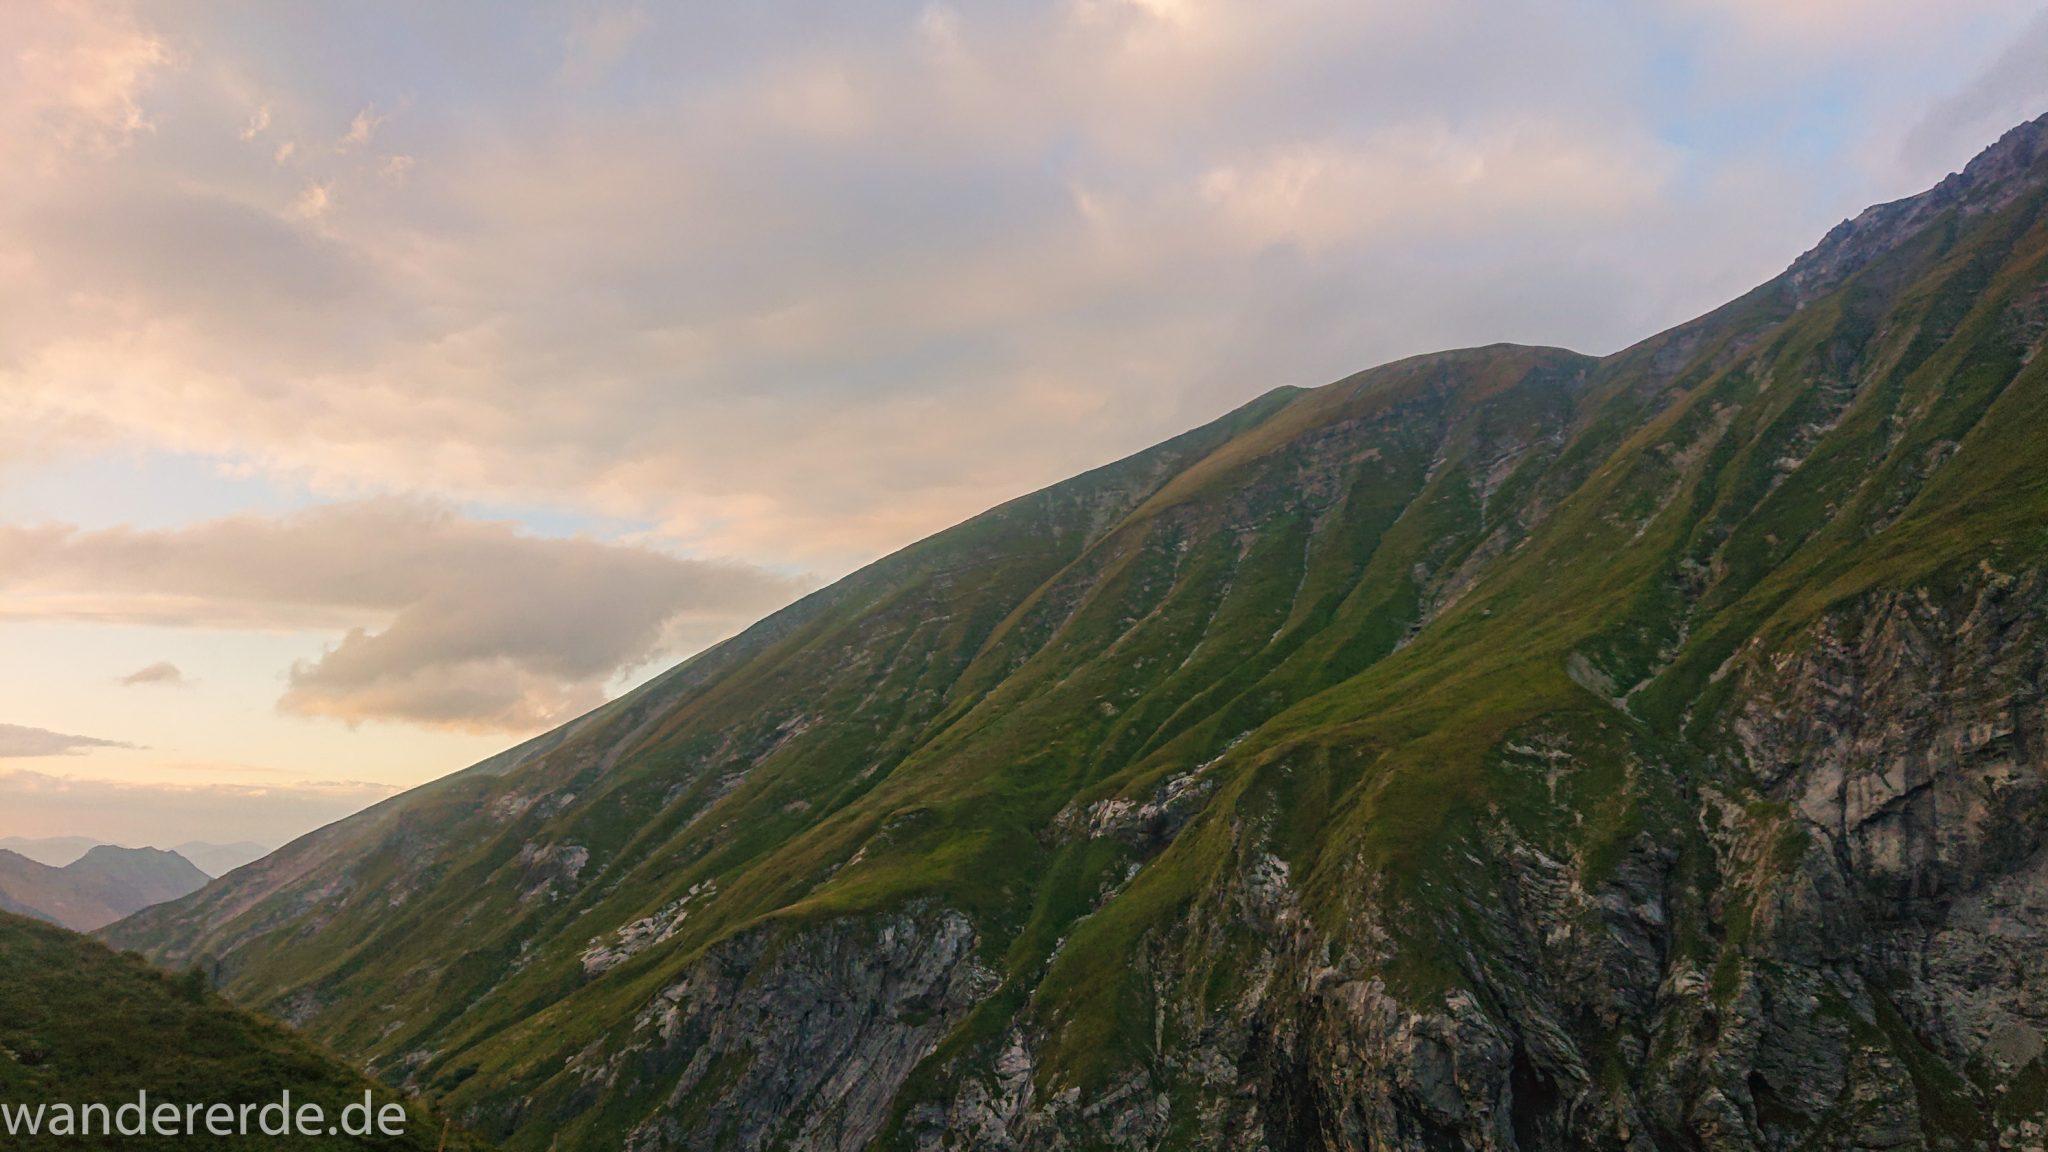 Alpenüberquerung Fernwanderweg E5 Oberstdorf Meran, 1. Etappe von Oberstdorf zur Kemptner Hütte, Ausblick bei der Kemptner Hütte auf die umliegenden schönen Berge, teilweise in Wolken gehüllt, grüne Wiesen im Allgäu, kurz vor Sonnenuntergang